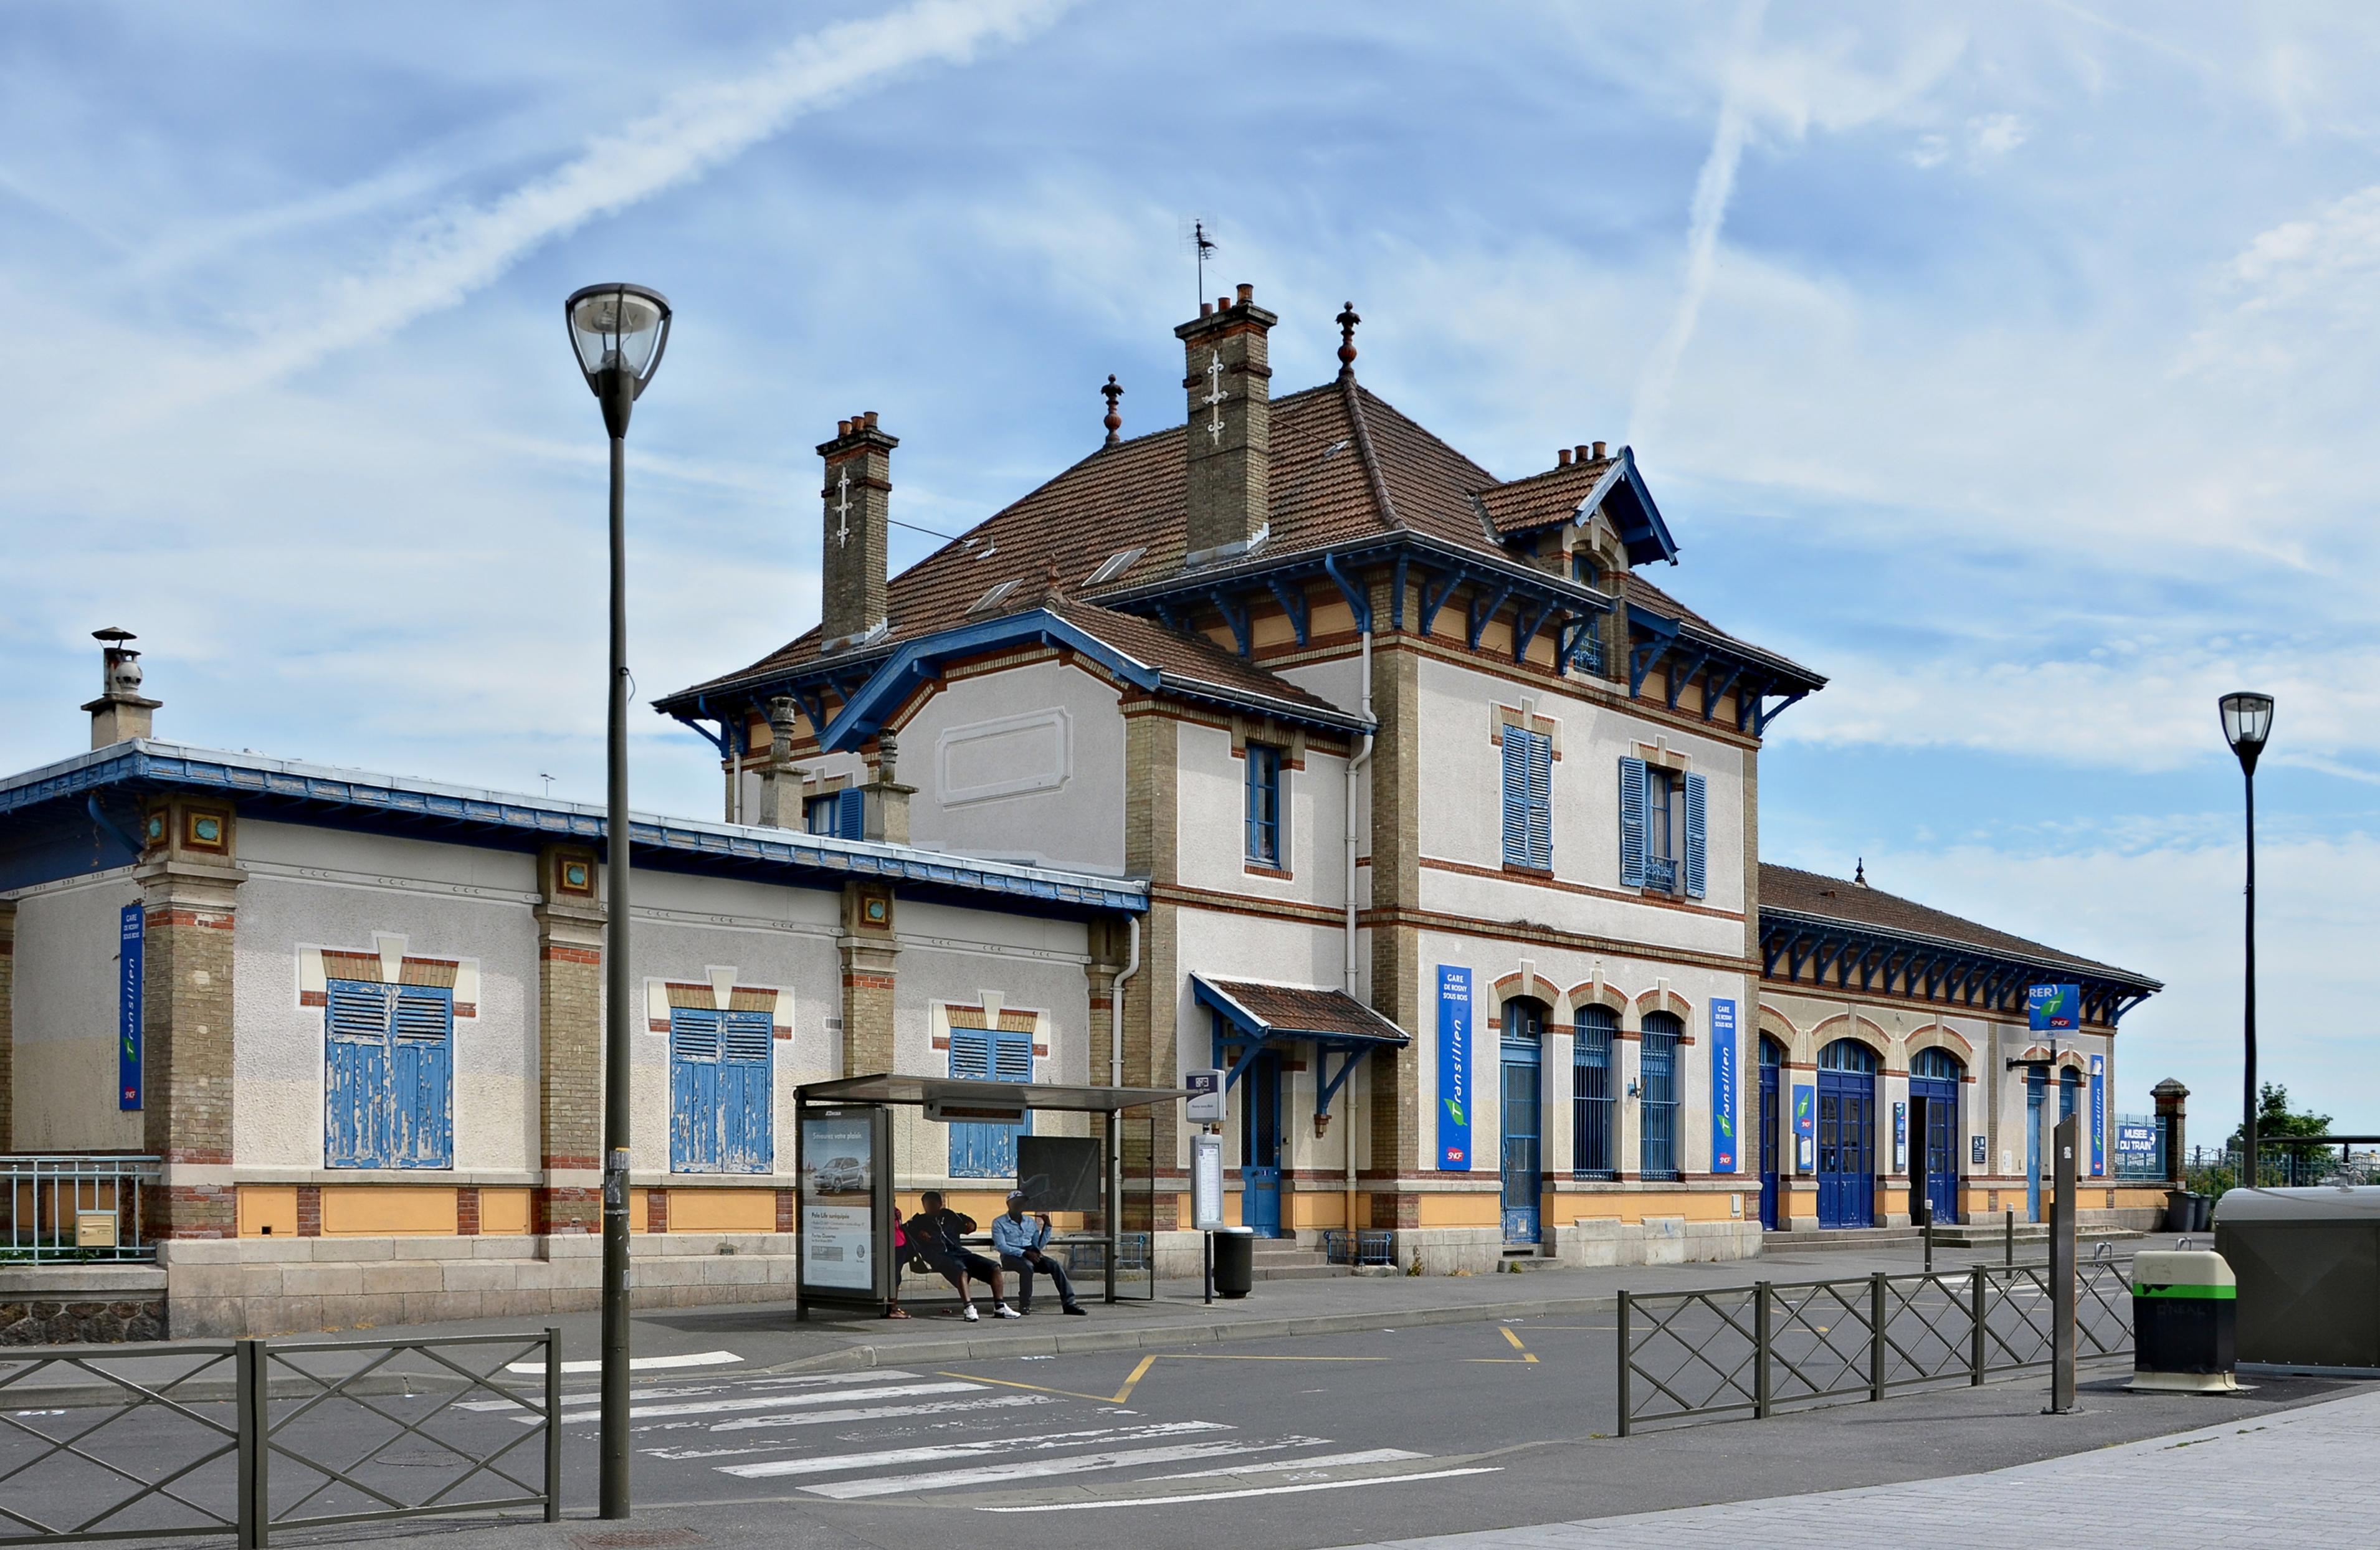 Gare de Rosny sous Bois  horaires, histoire et informations pratiques